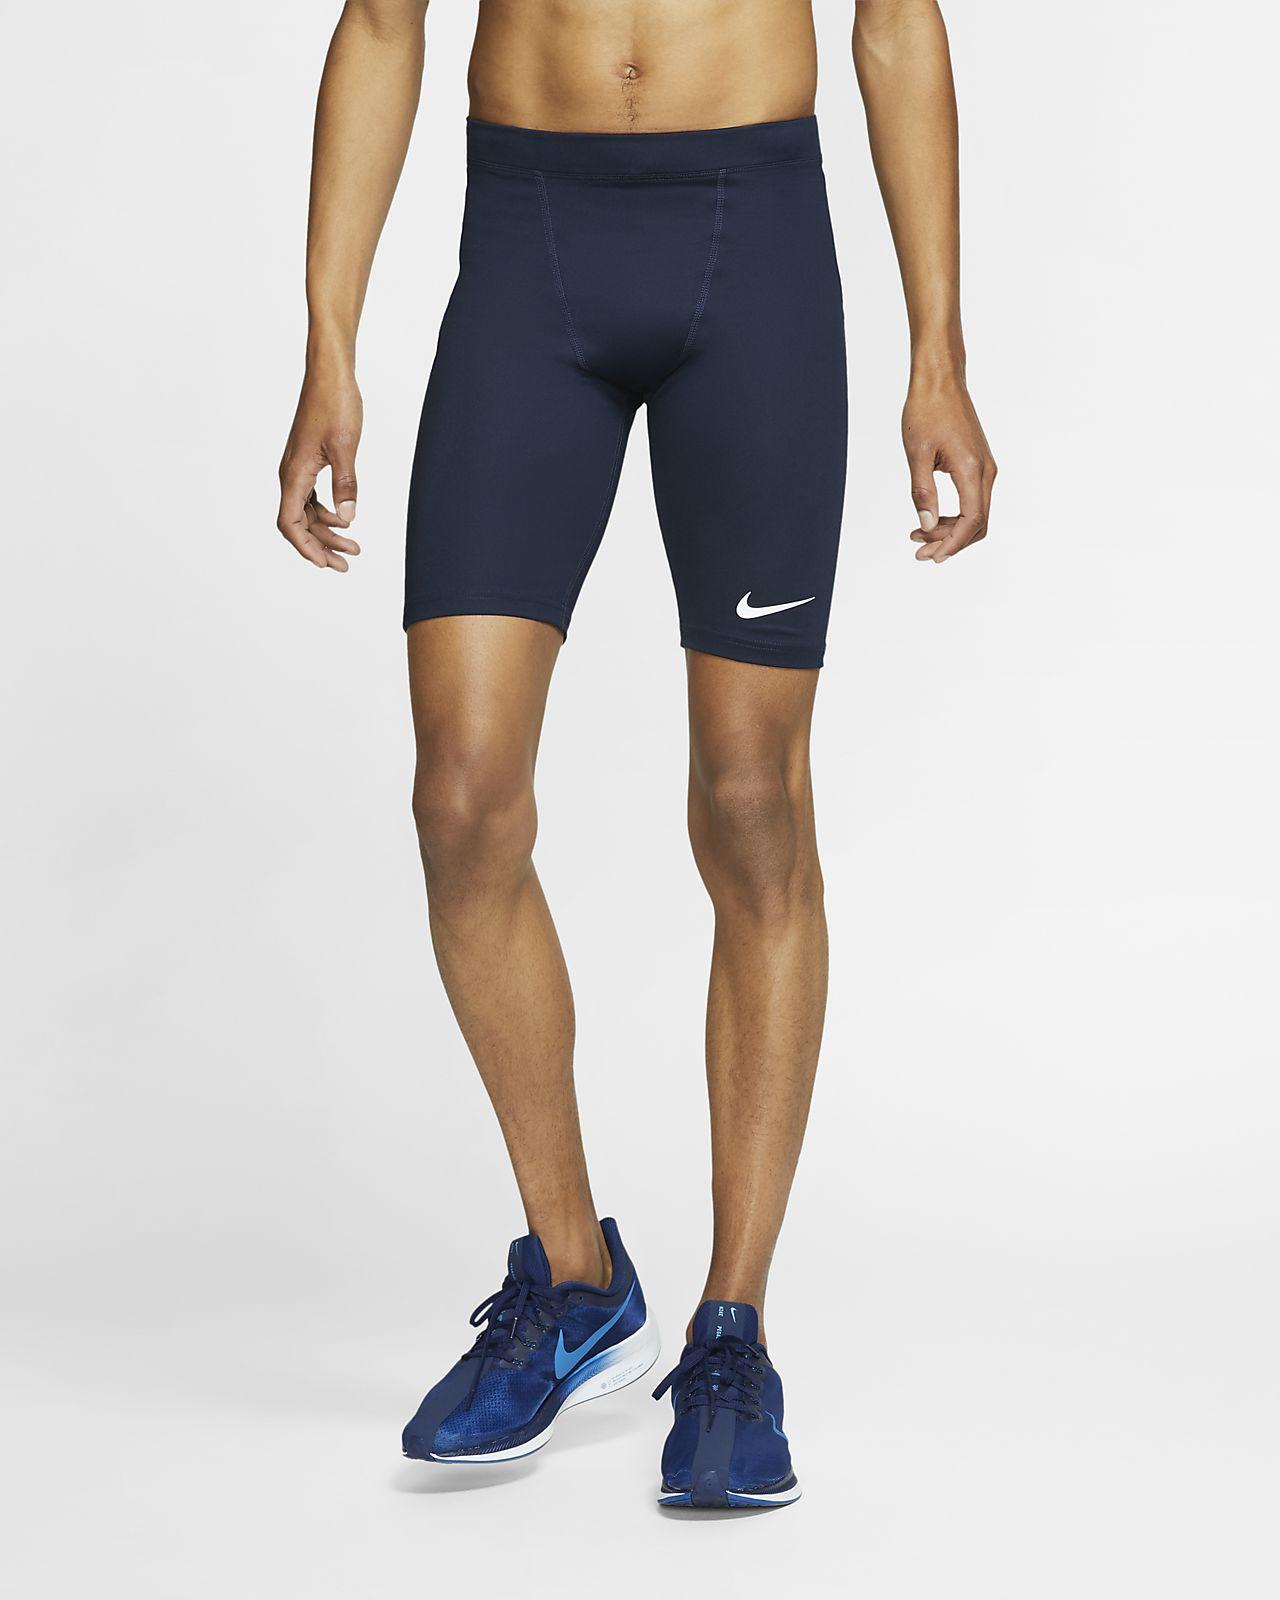 Nike Power-løbetights til mænd